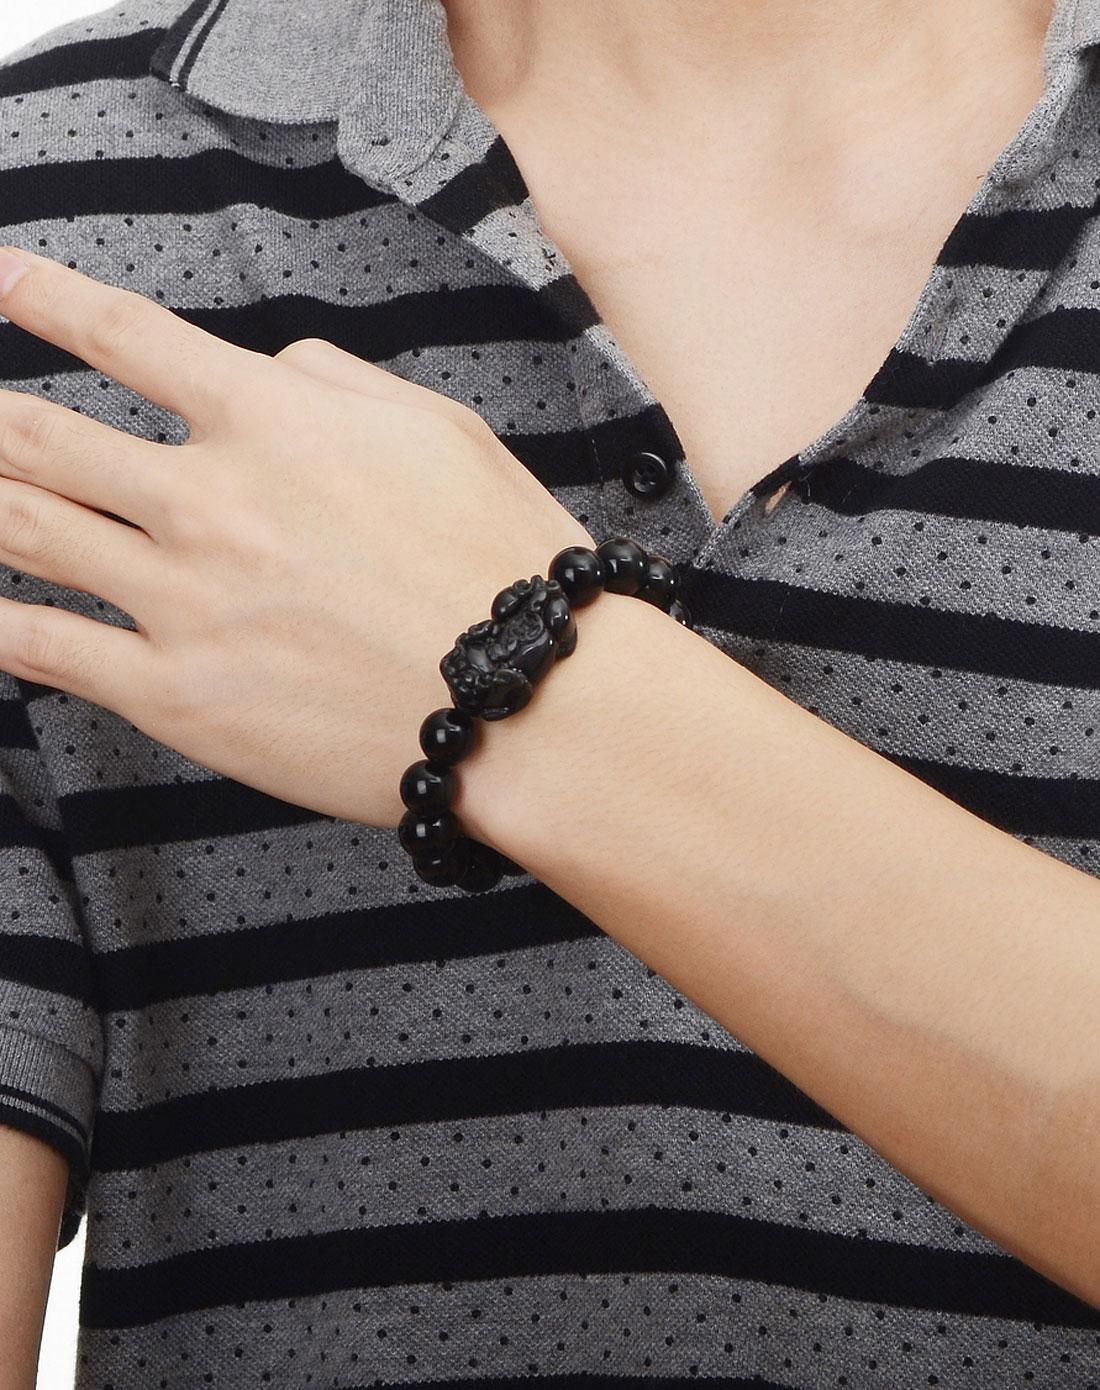 黑曜石貔貅手链戴哪只手好?